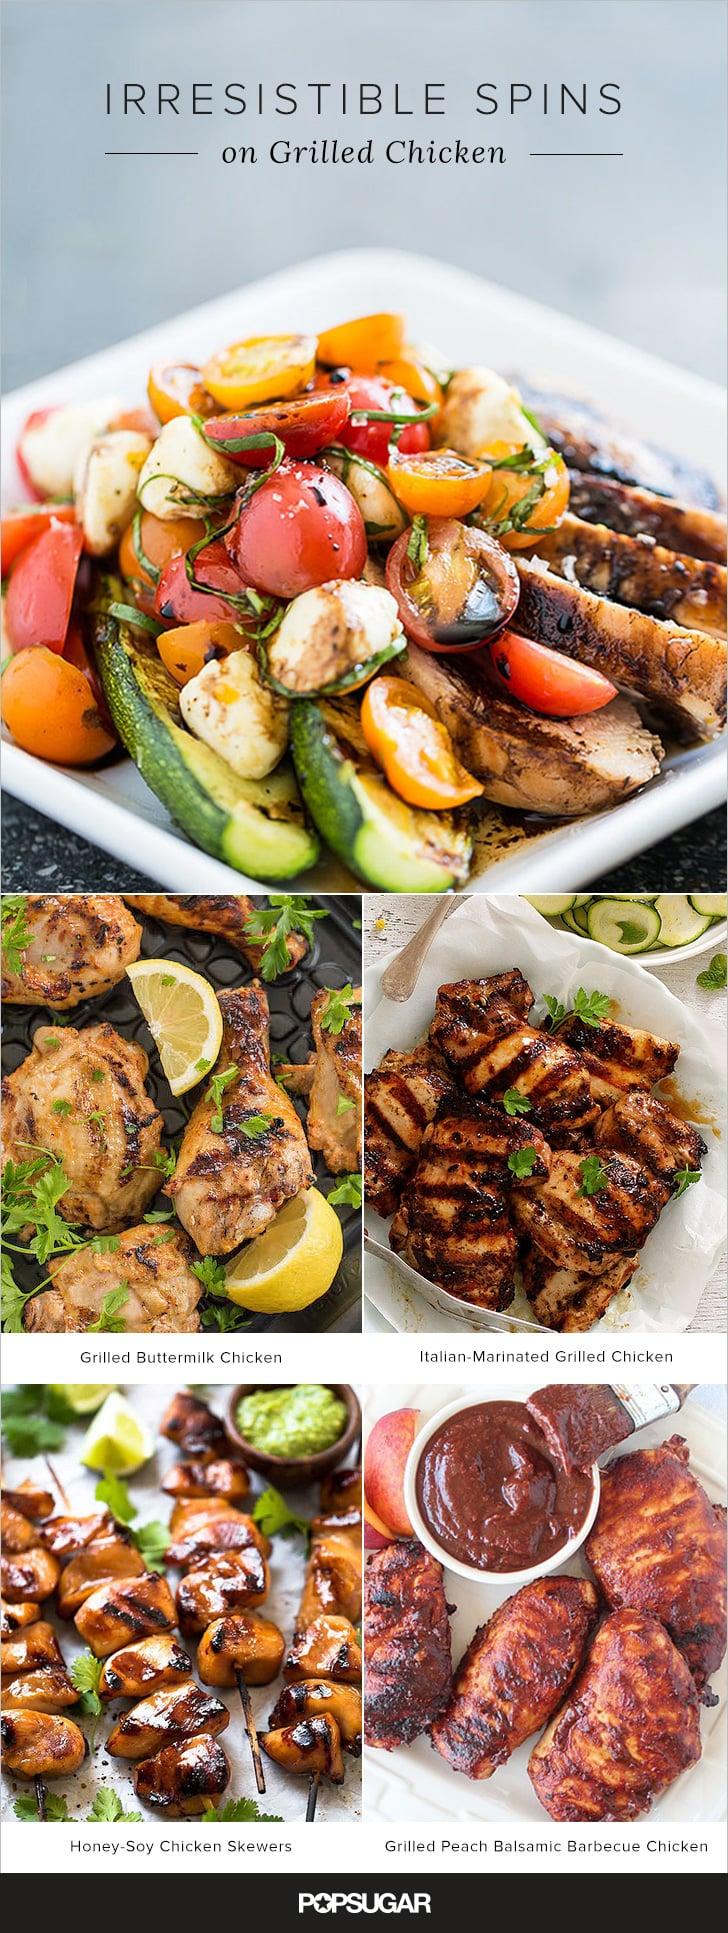 18 Irresistible Spins on Grilled Chicken